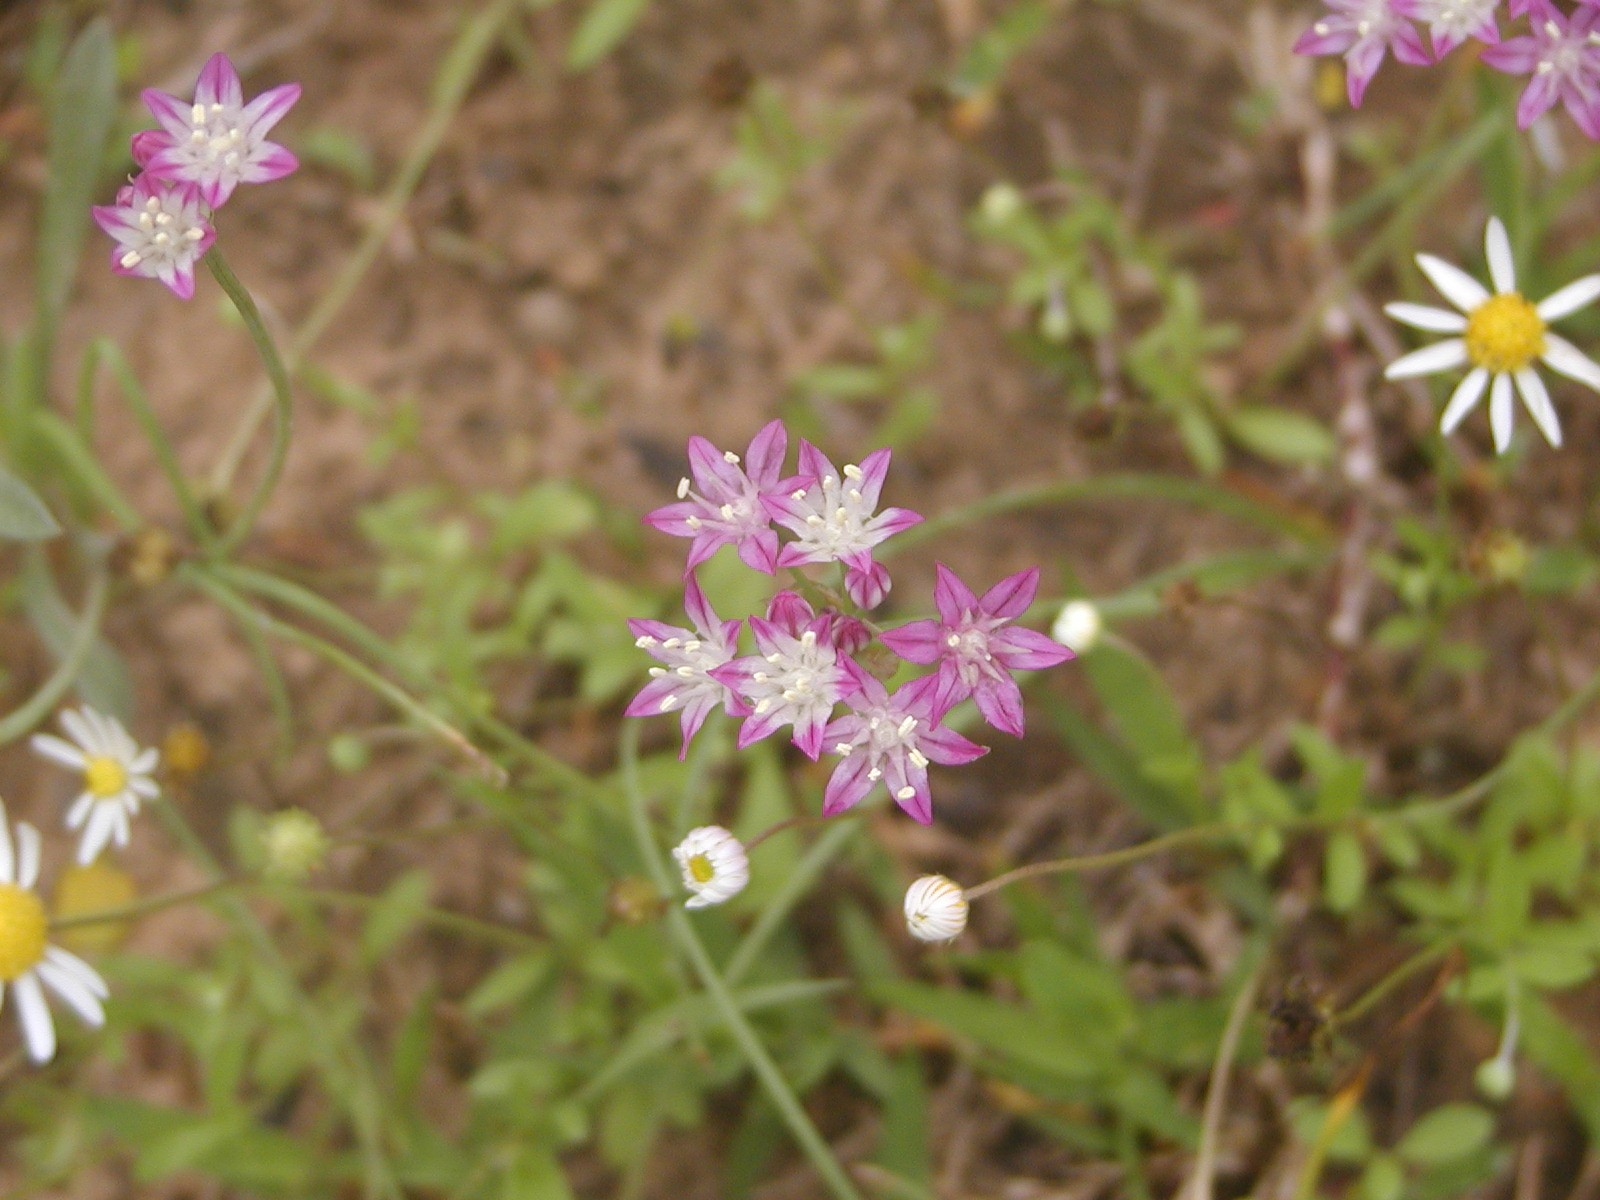 Allium%20elmendorfii.jpg